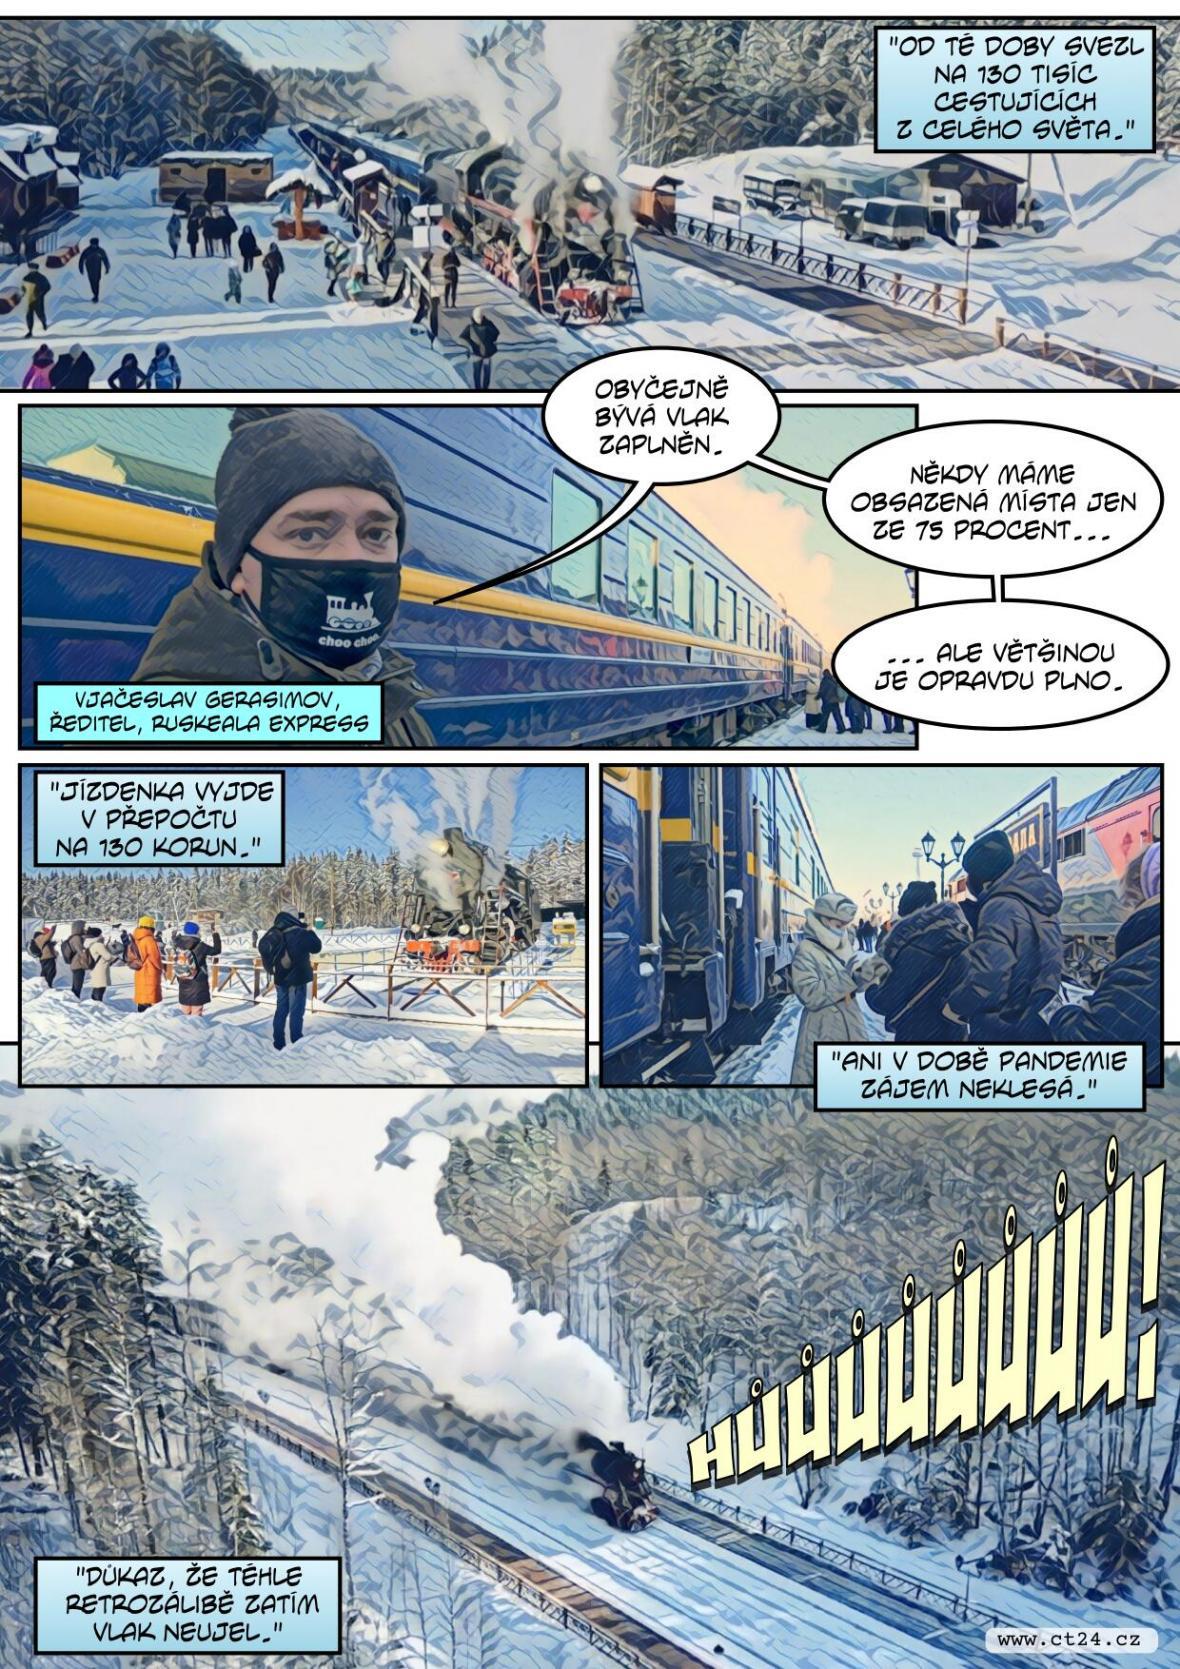 V Rusku táhnou retro vlaky